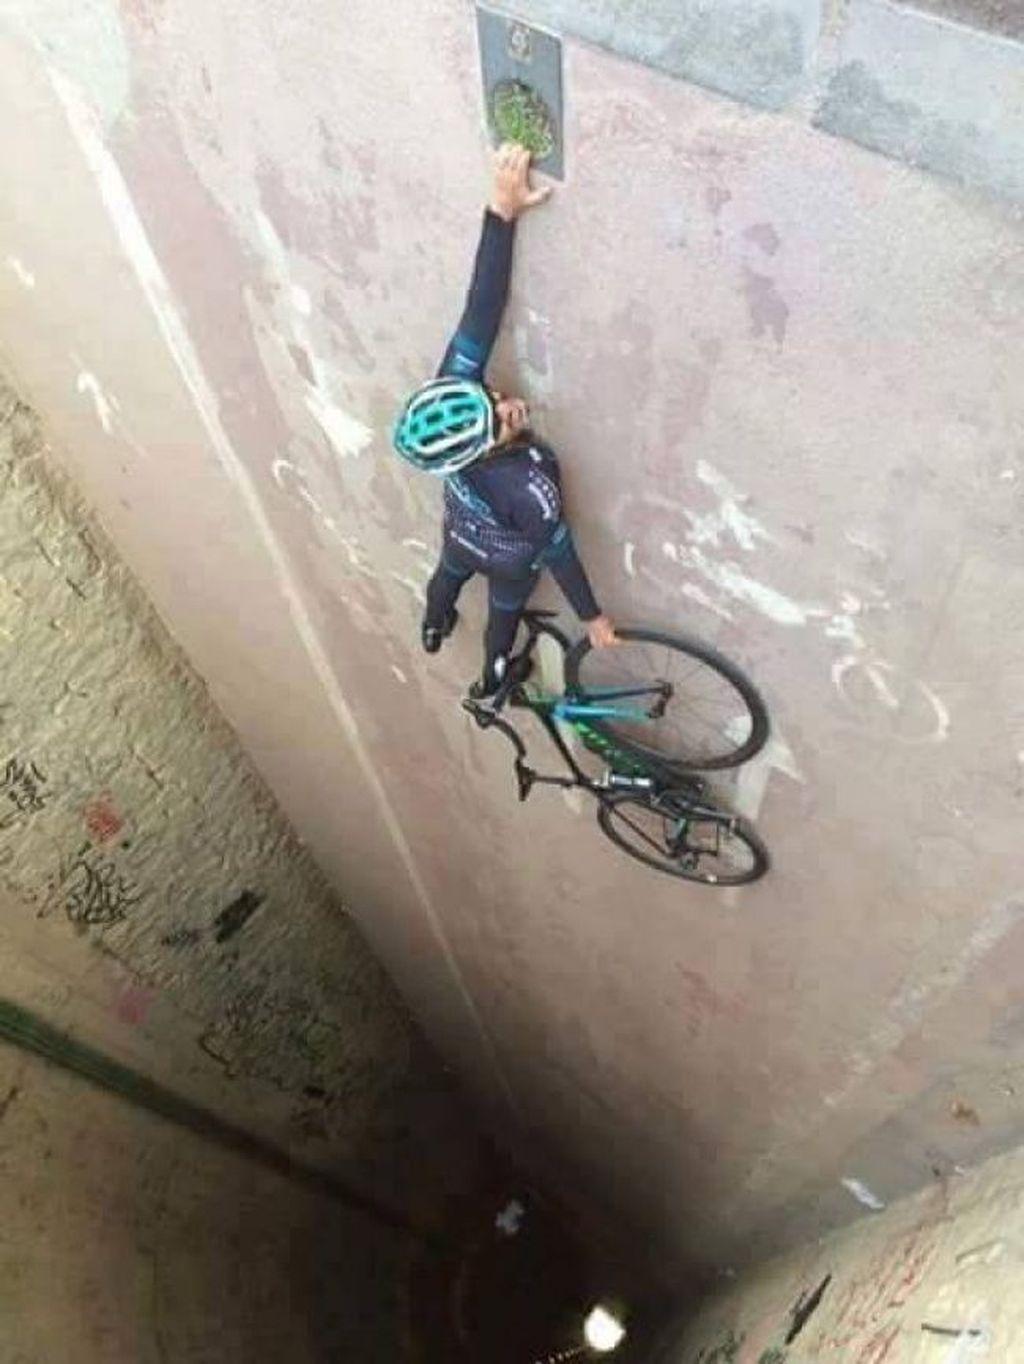 Pesepeda ini terlihat bakal jatuh ke jurang, padahal jika foto diputar ini hanyalah lorong jalan. (Foto: Brightside)